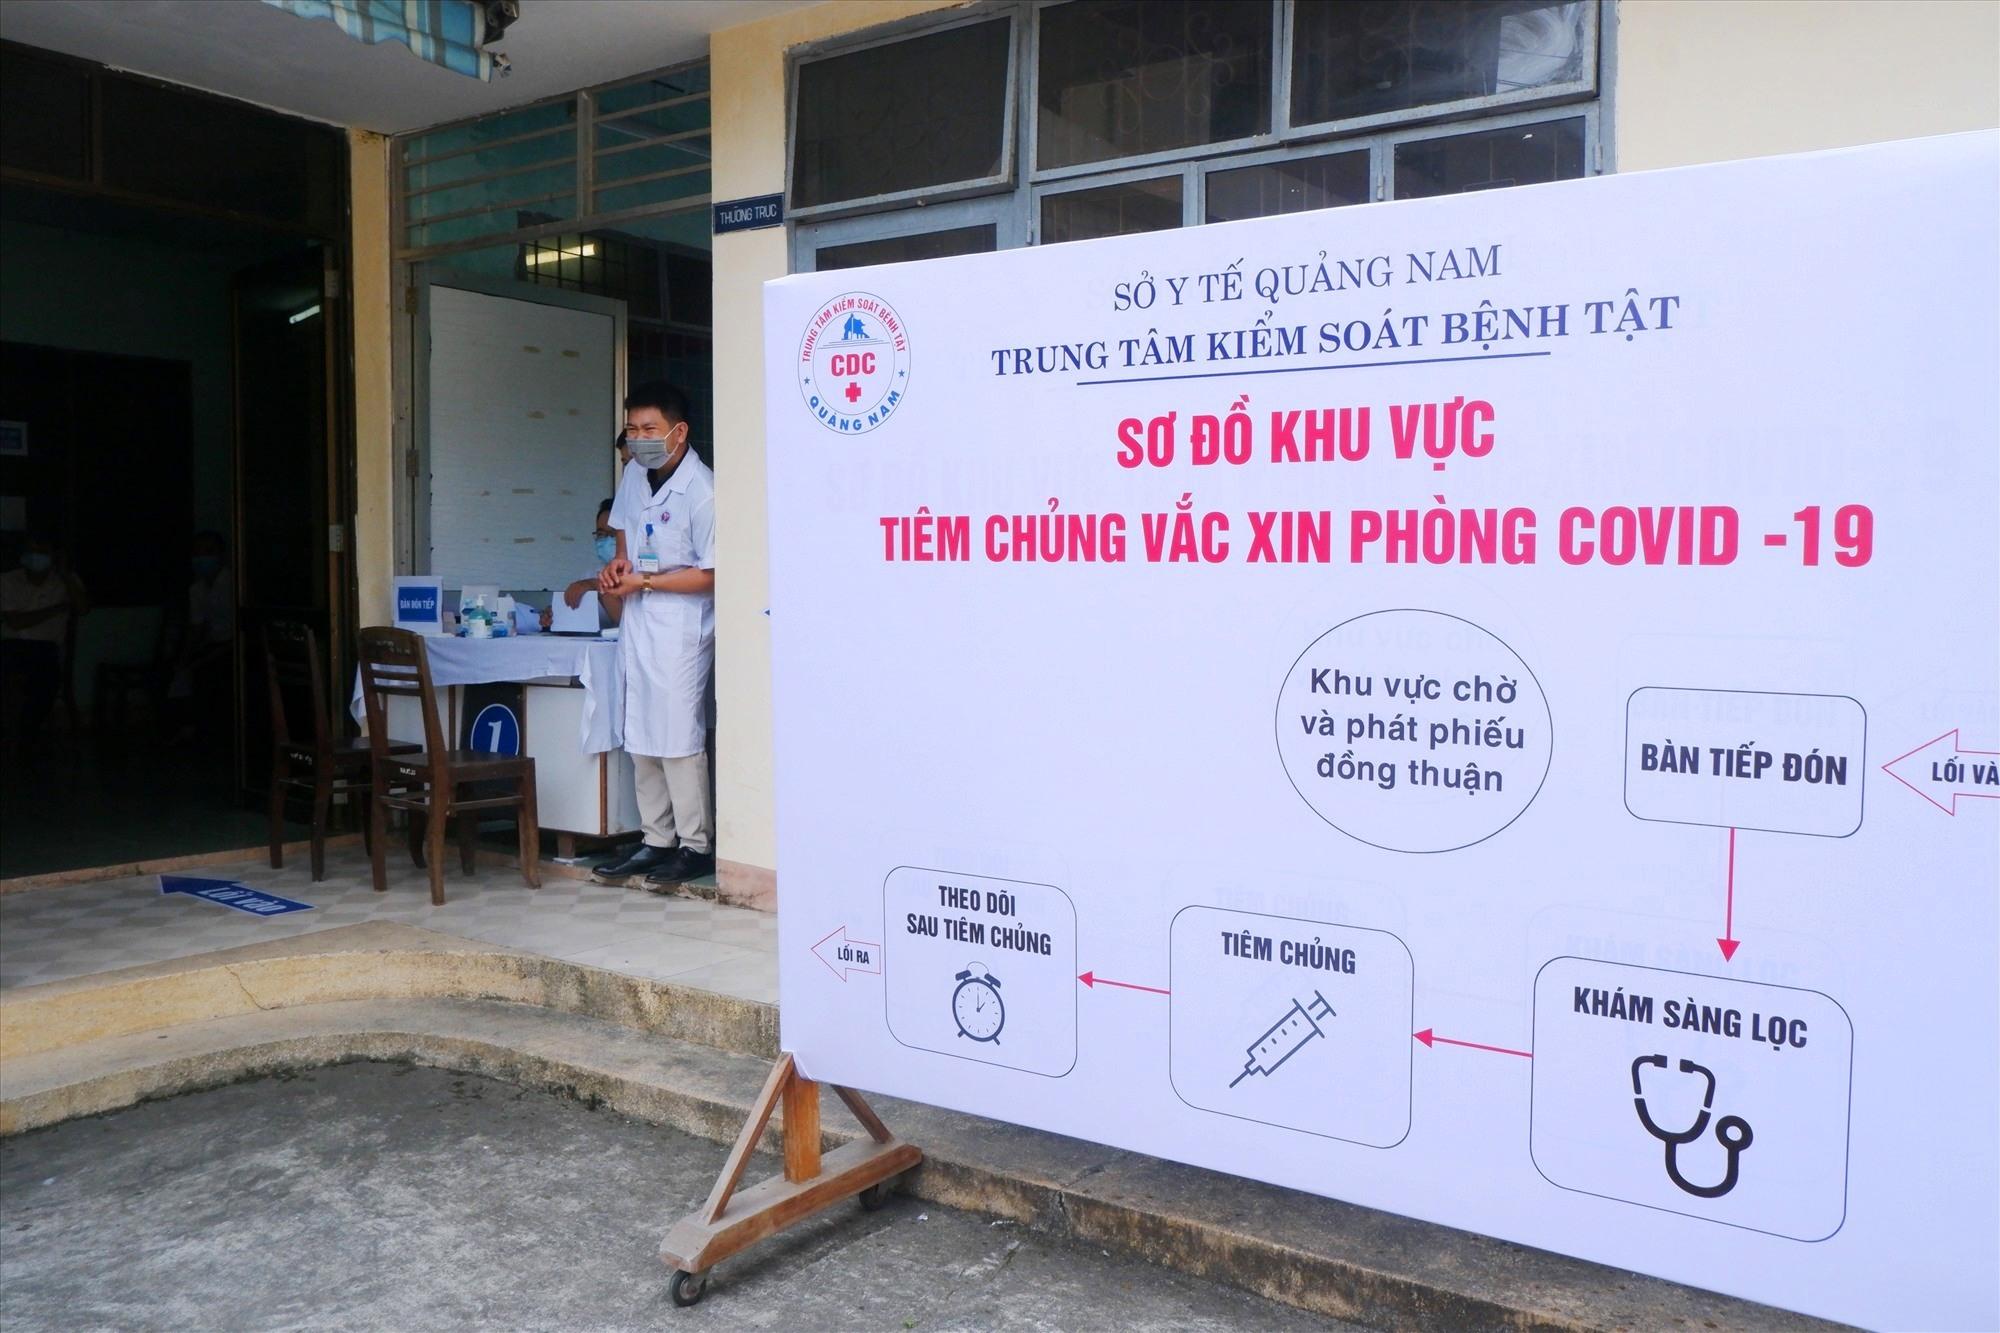 UBND tỉnh yêu cầu Sở Y tế rà soát các cơ sở tiêm chủng để sẵn sàng cho đợt tiêm tiếp theo. Ảnh: X.H